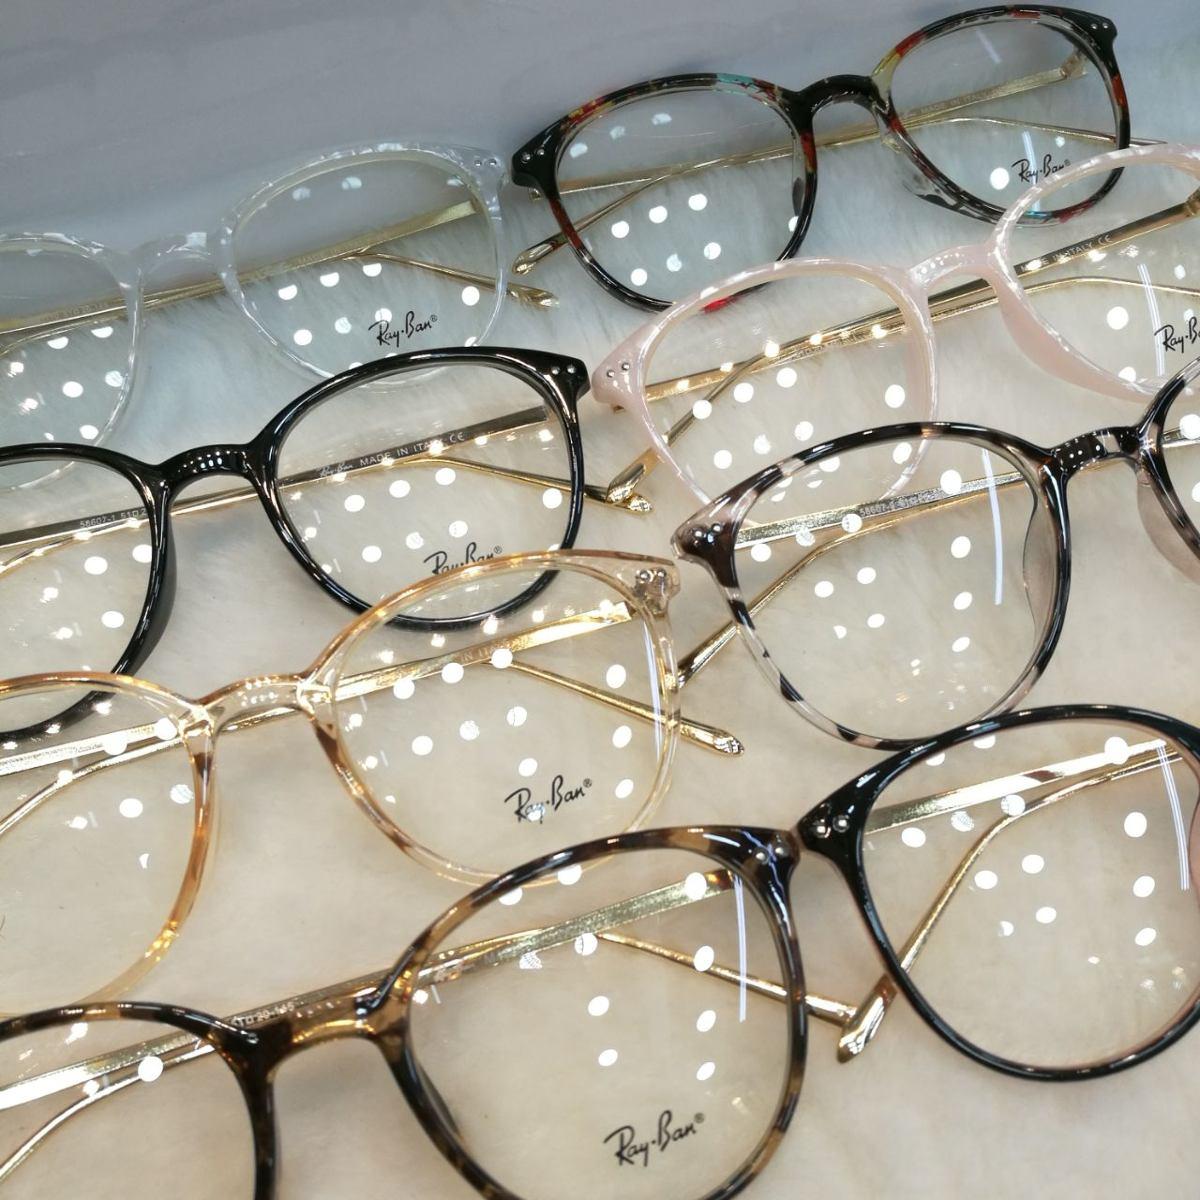 4bc42aef9532e óculos armação de grau redondo geek metal frete + brinde. Carregando zoom.